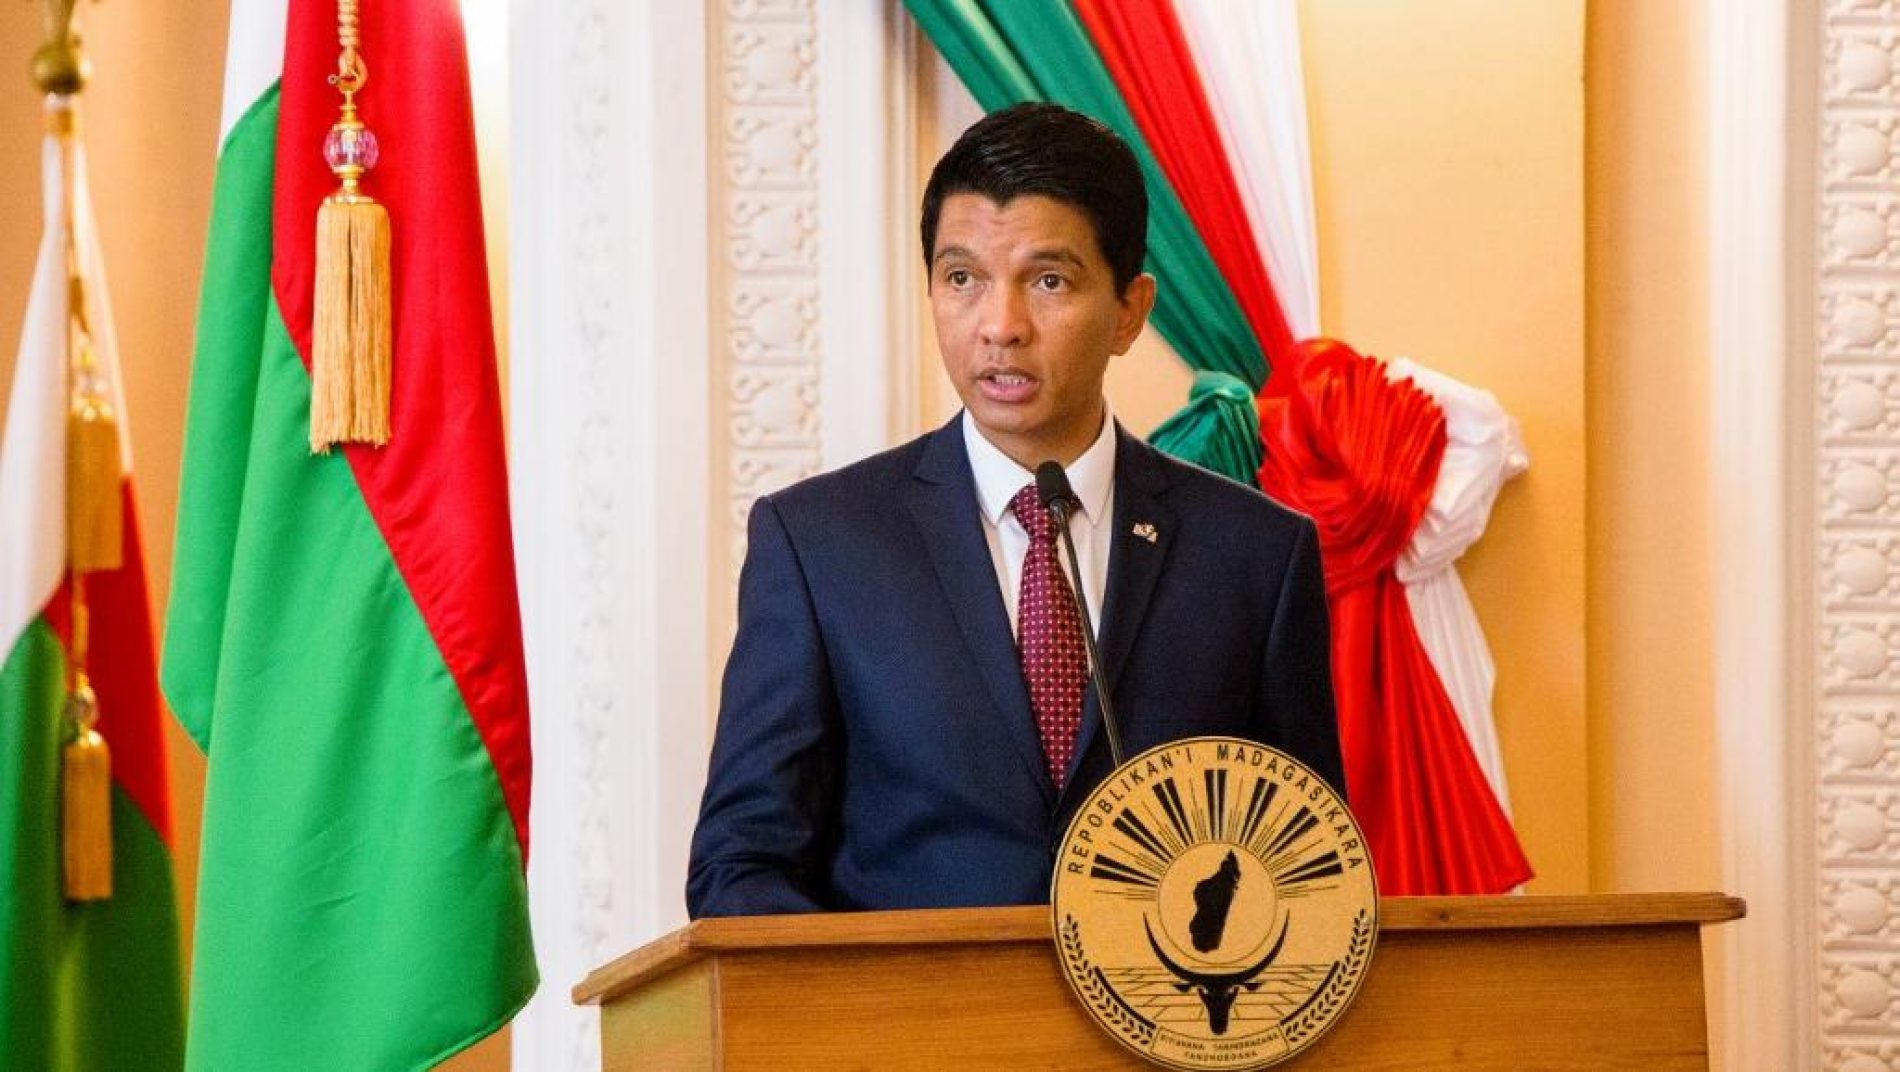 Madagascar : Le Président Rajoelina réduit le nombre de sénateurs